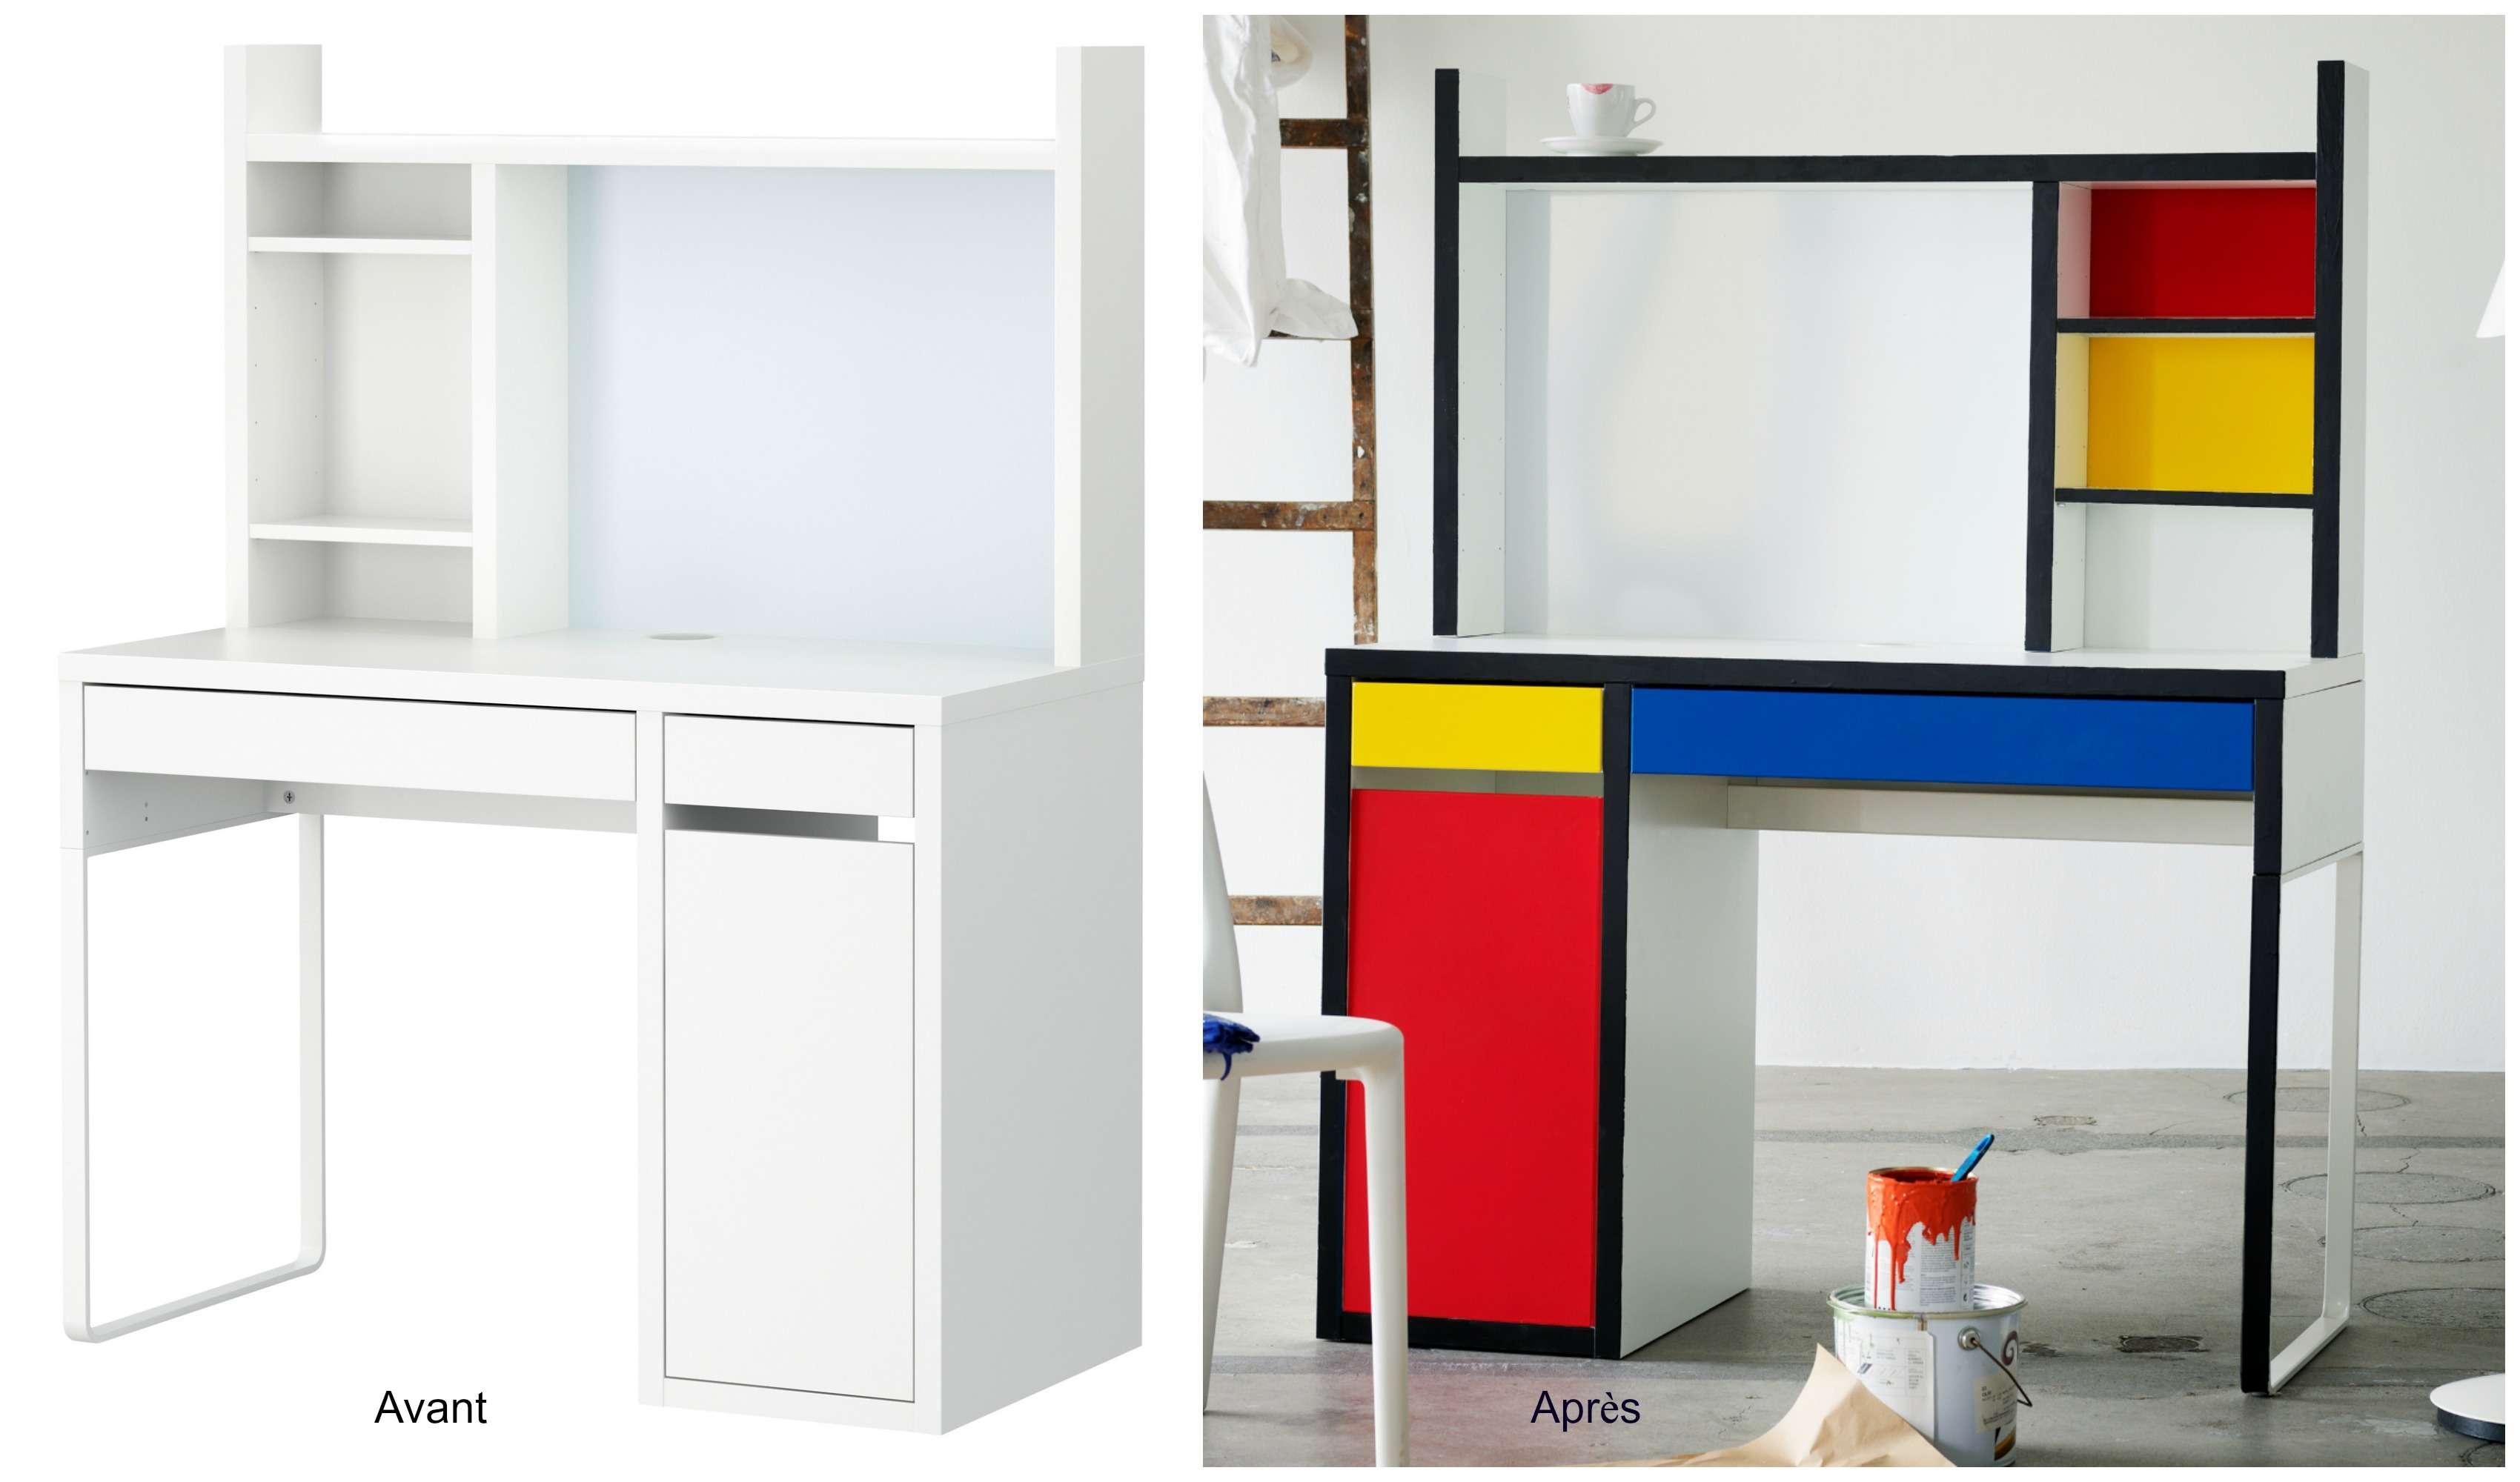 Le poste de travail MICKE transformé en bureau façon Mondrian.